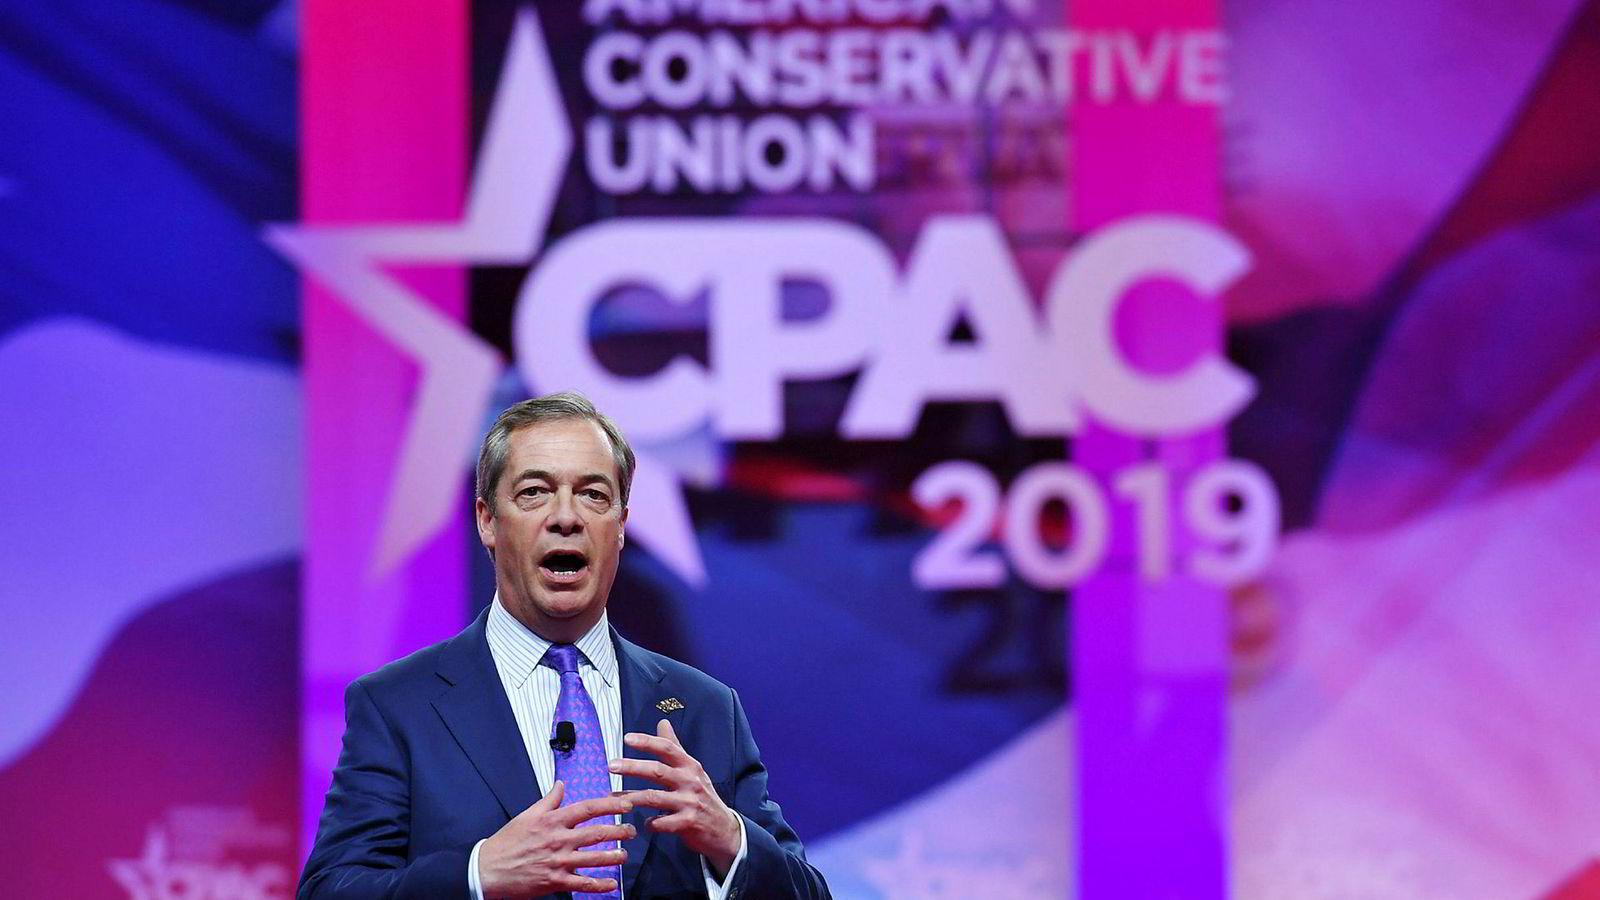 Nigel Farage, brexit-forkjemper og tidligere leder av UK Independence Party, på konferansen Conservative Political Action Conference (CPAC) i National Harbor i Maryland tidligere denne måneden.